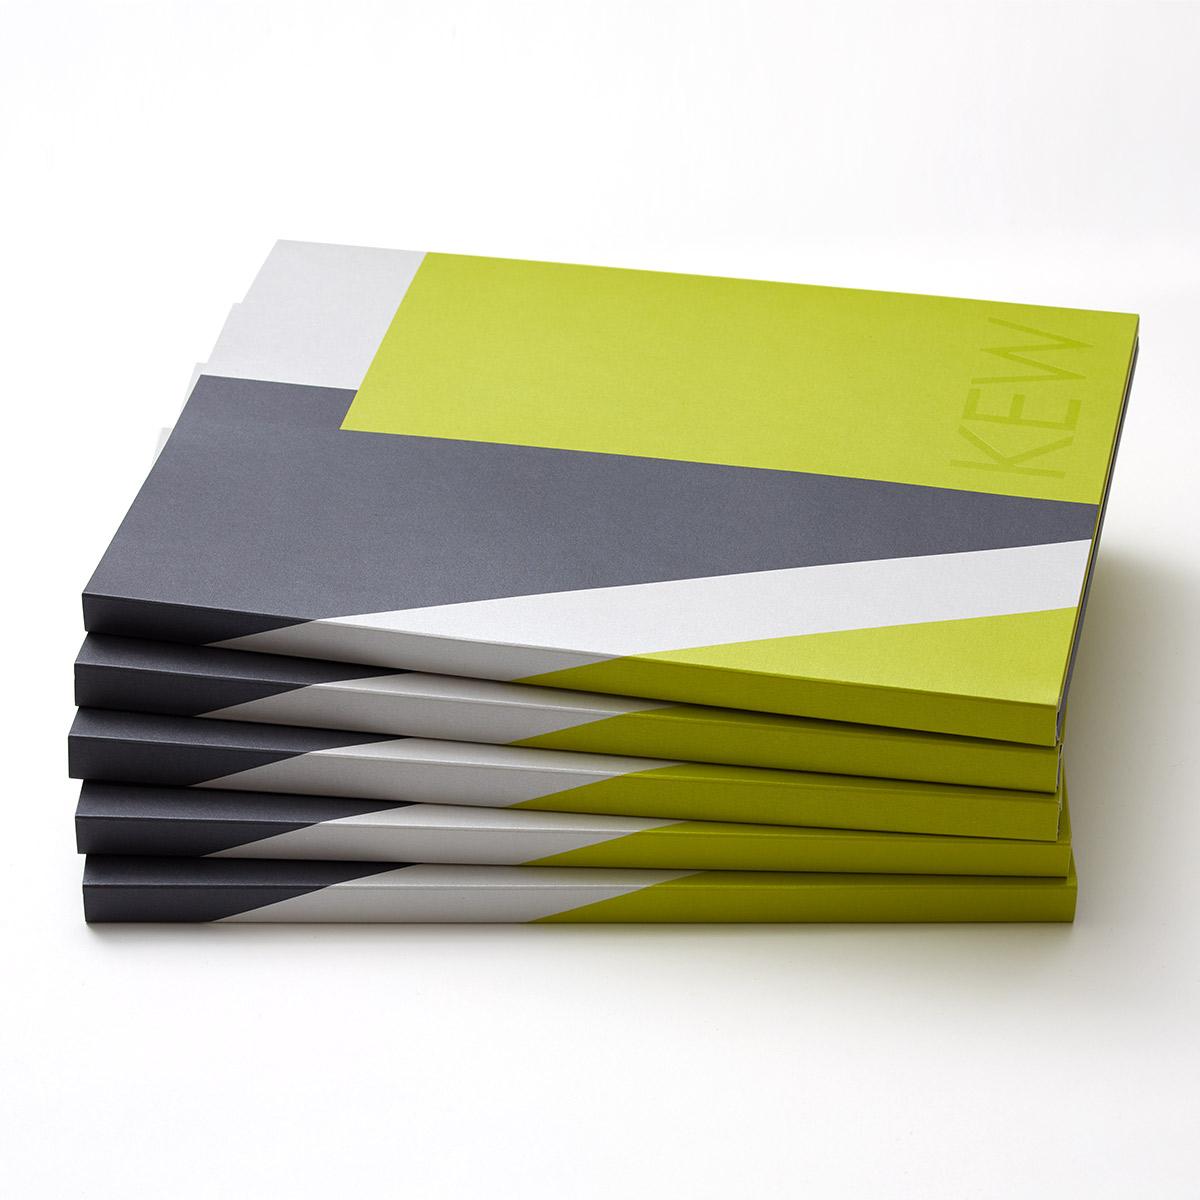 Kew Management Folder Stack